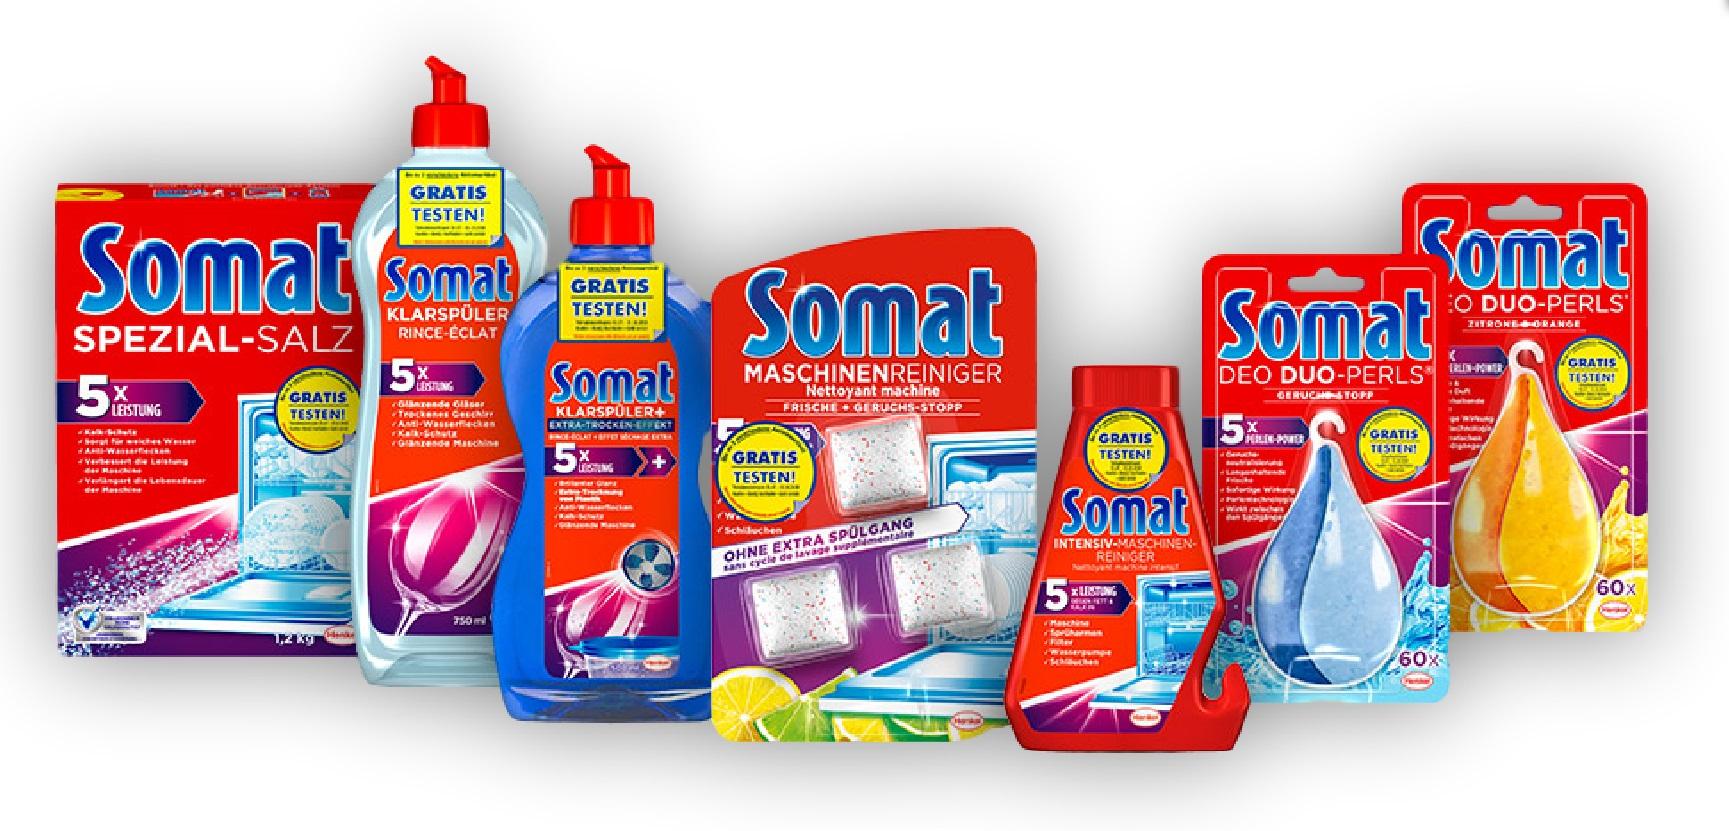 [GzG] Somat Zusatzprodukte bis zu 3 Stück gratis testen